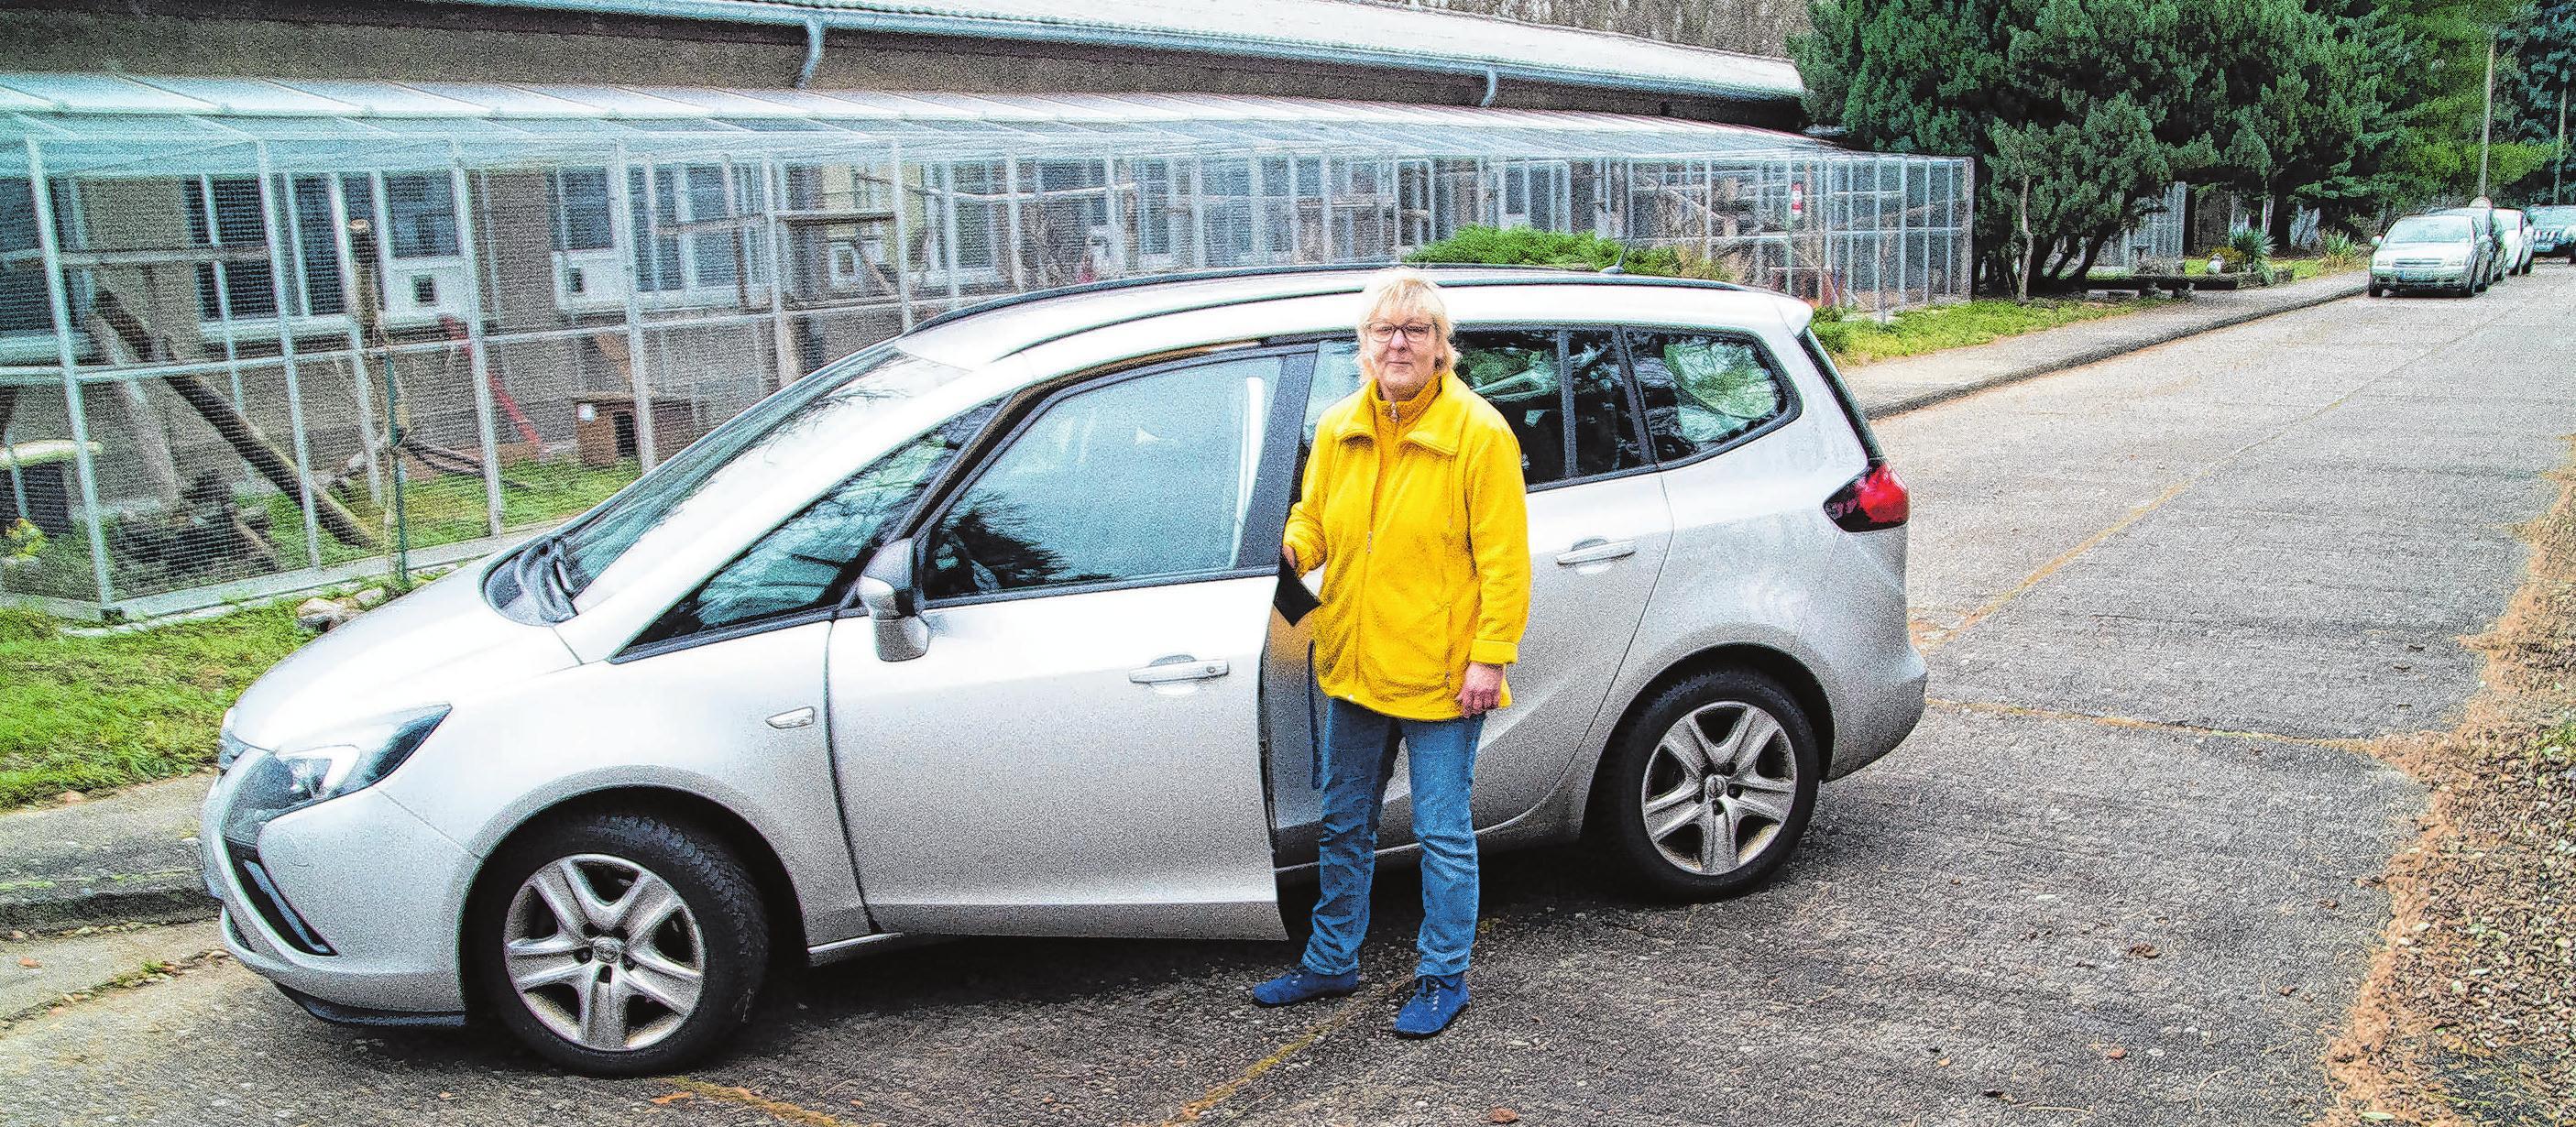 Die stellvertretende Tierheimleiterin Katrin Wilhelm zeigt stolz den gespendeten Opel Safira: Eine große Hilfe für die Ehrenamtler, da sie jetzt nicht mehr unbedingt ihr privates Auto für Vereinsfahrten, wie beim Einsammeln von Spenden, nutzen müssen.